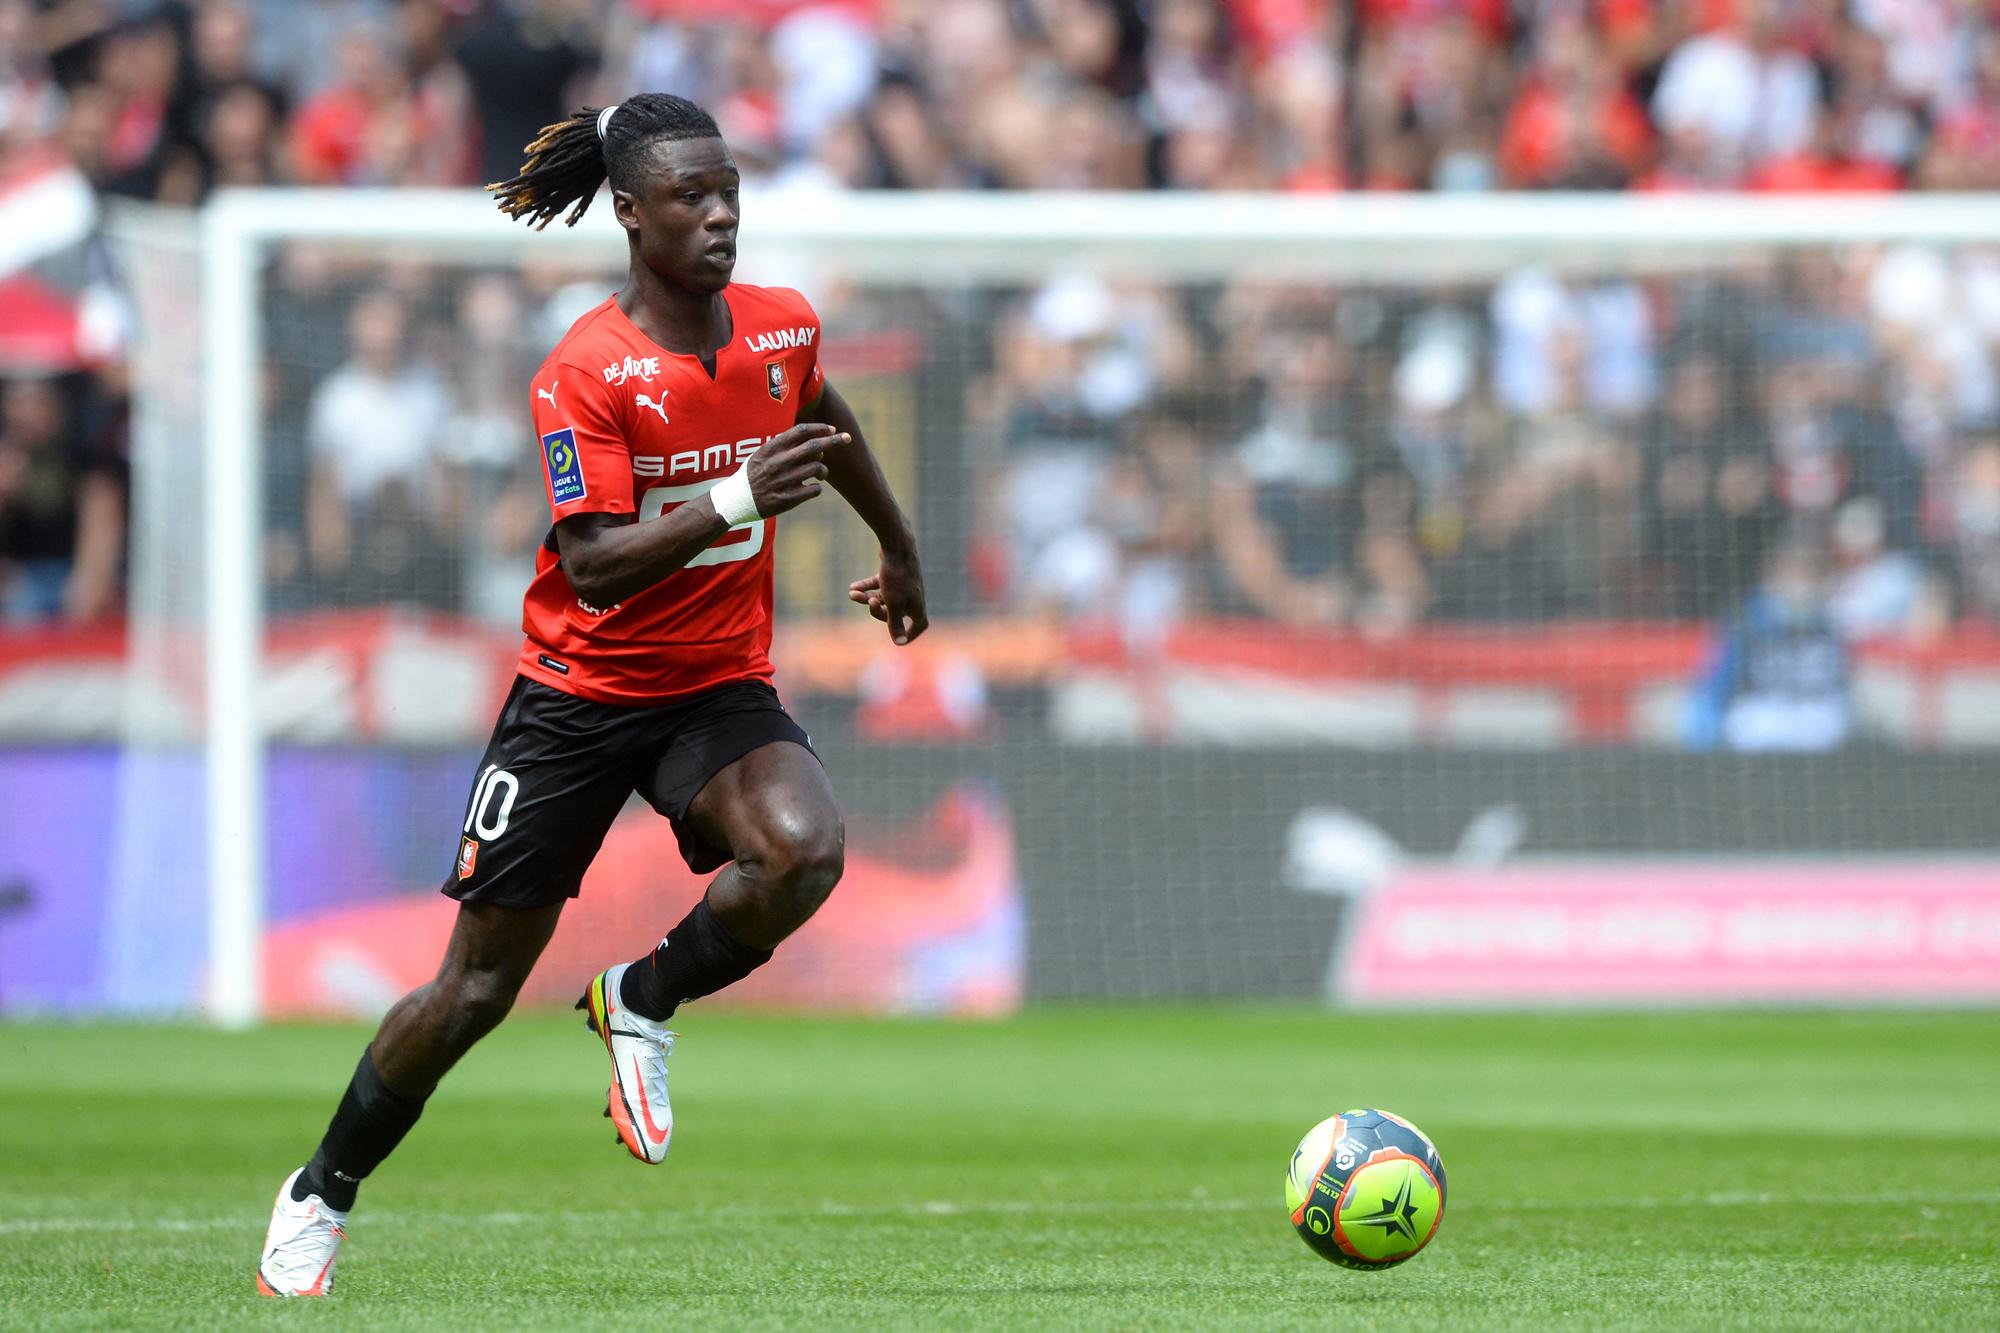 Camavinga quitte Rennes pour le Real qui a donc transféré son joueur français. Moins clinquant qu'Mbappé mais pas moins prometteur., belga